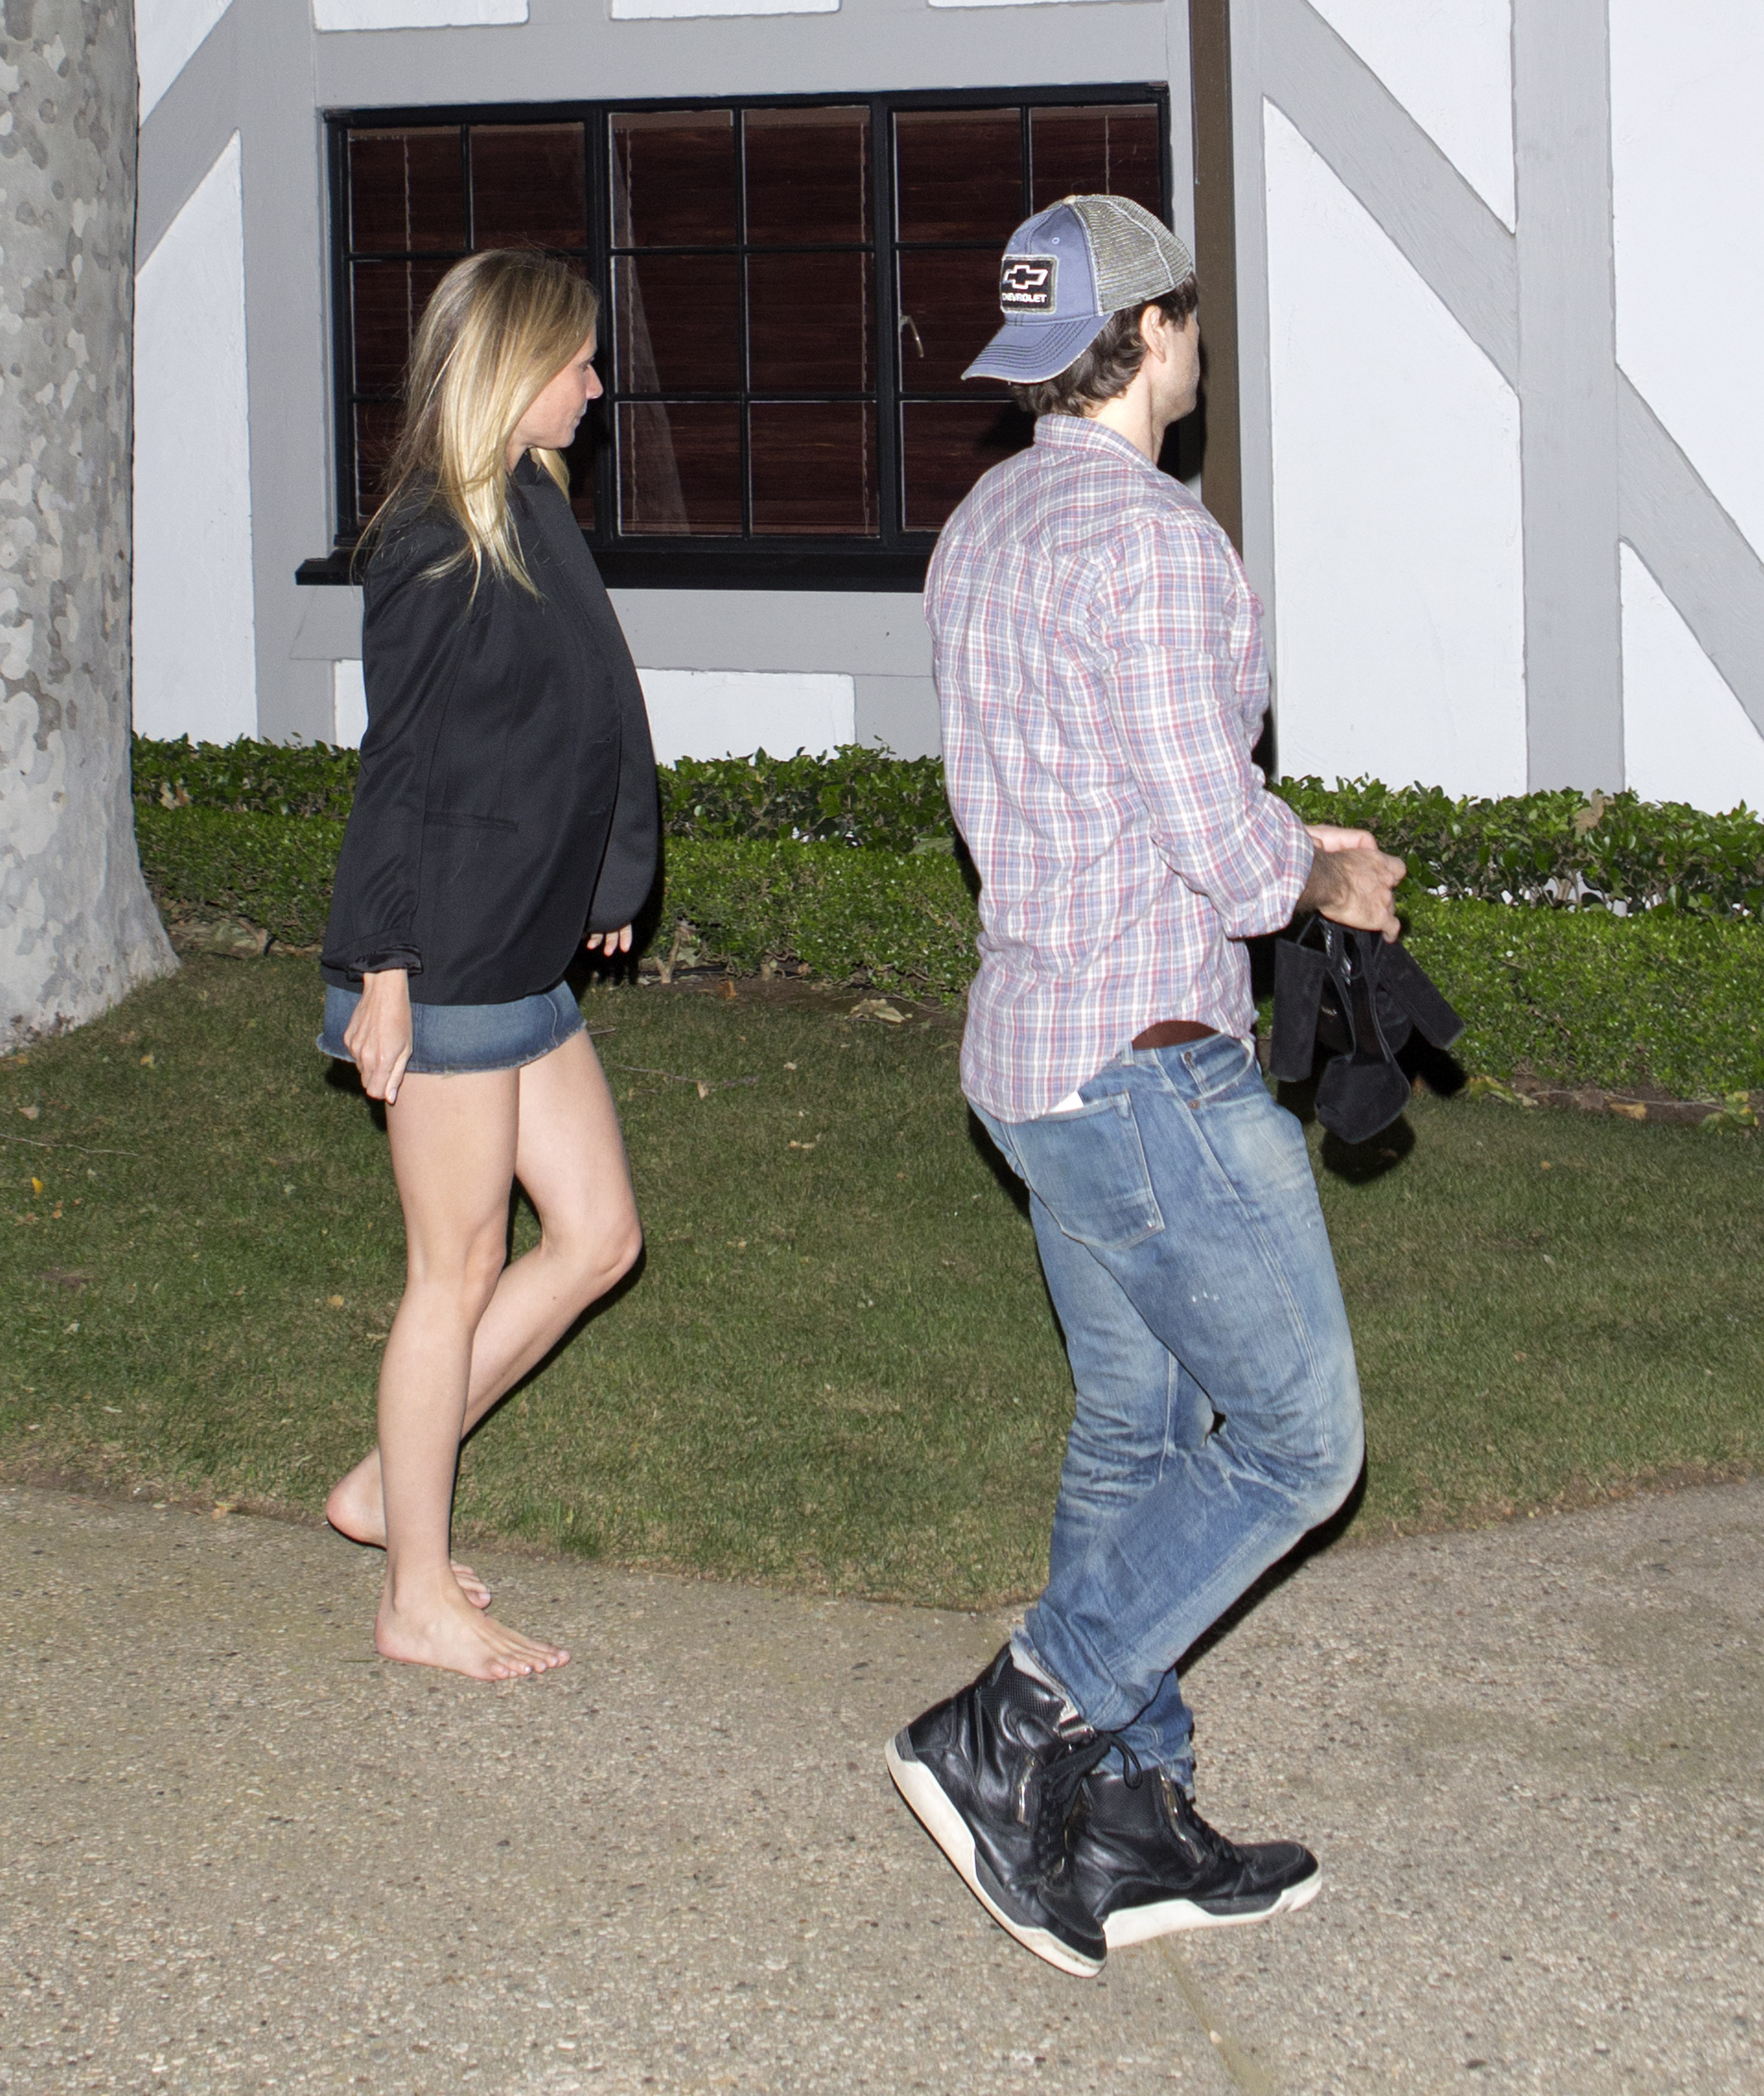 https://pics.wikifeet.com/Gwyneth-Paltrow-Feet-2217562.jpg